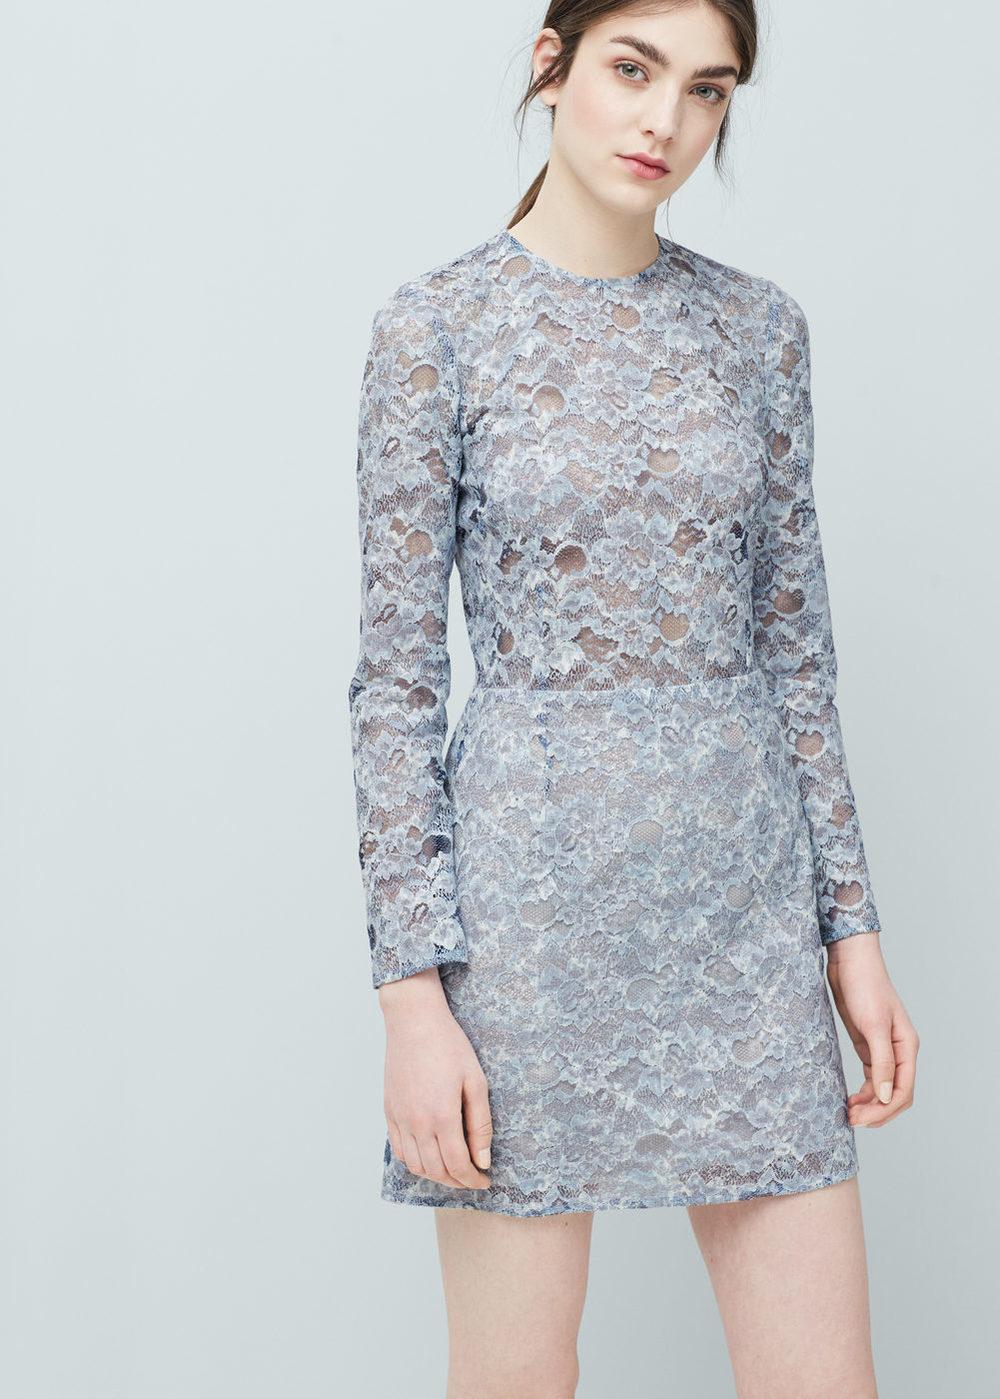 Mango Lace Dress $79.99